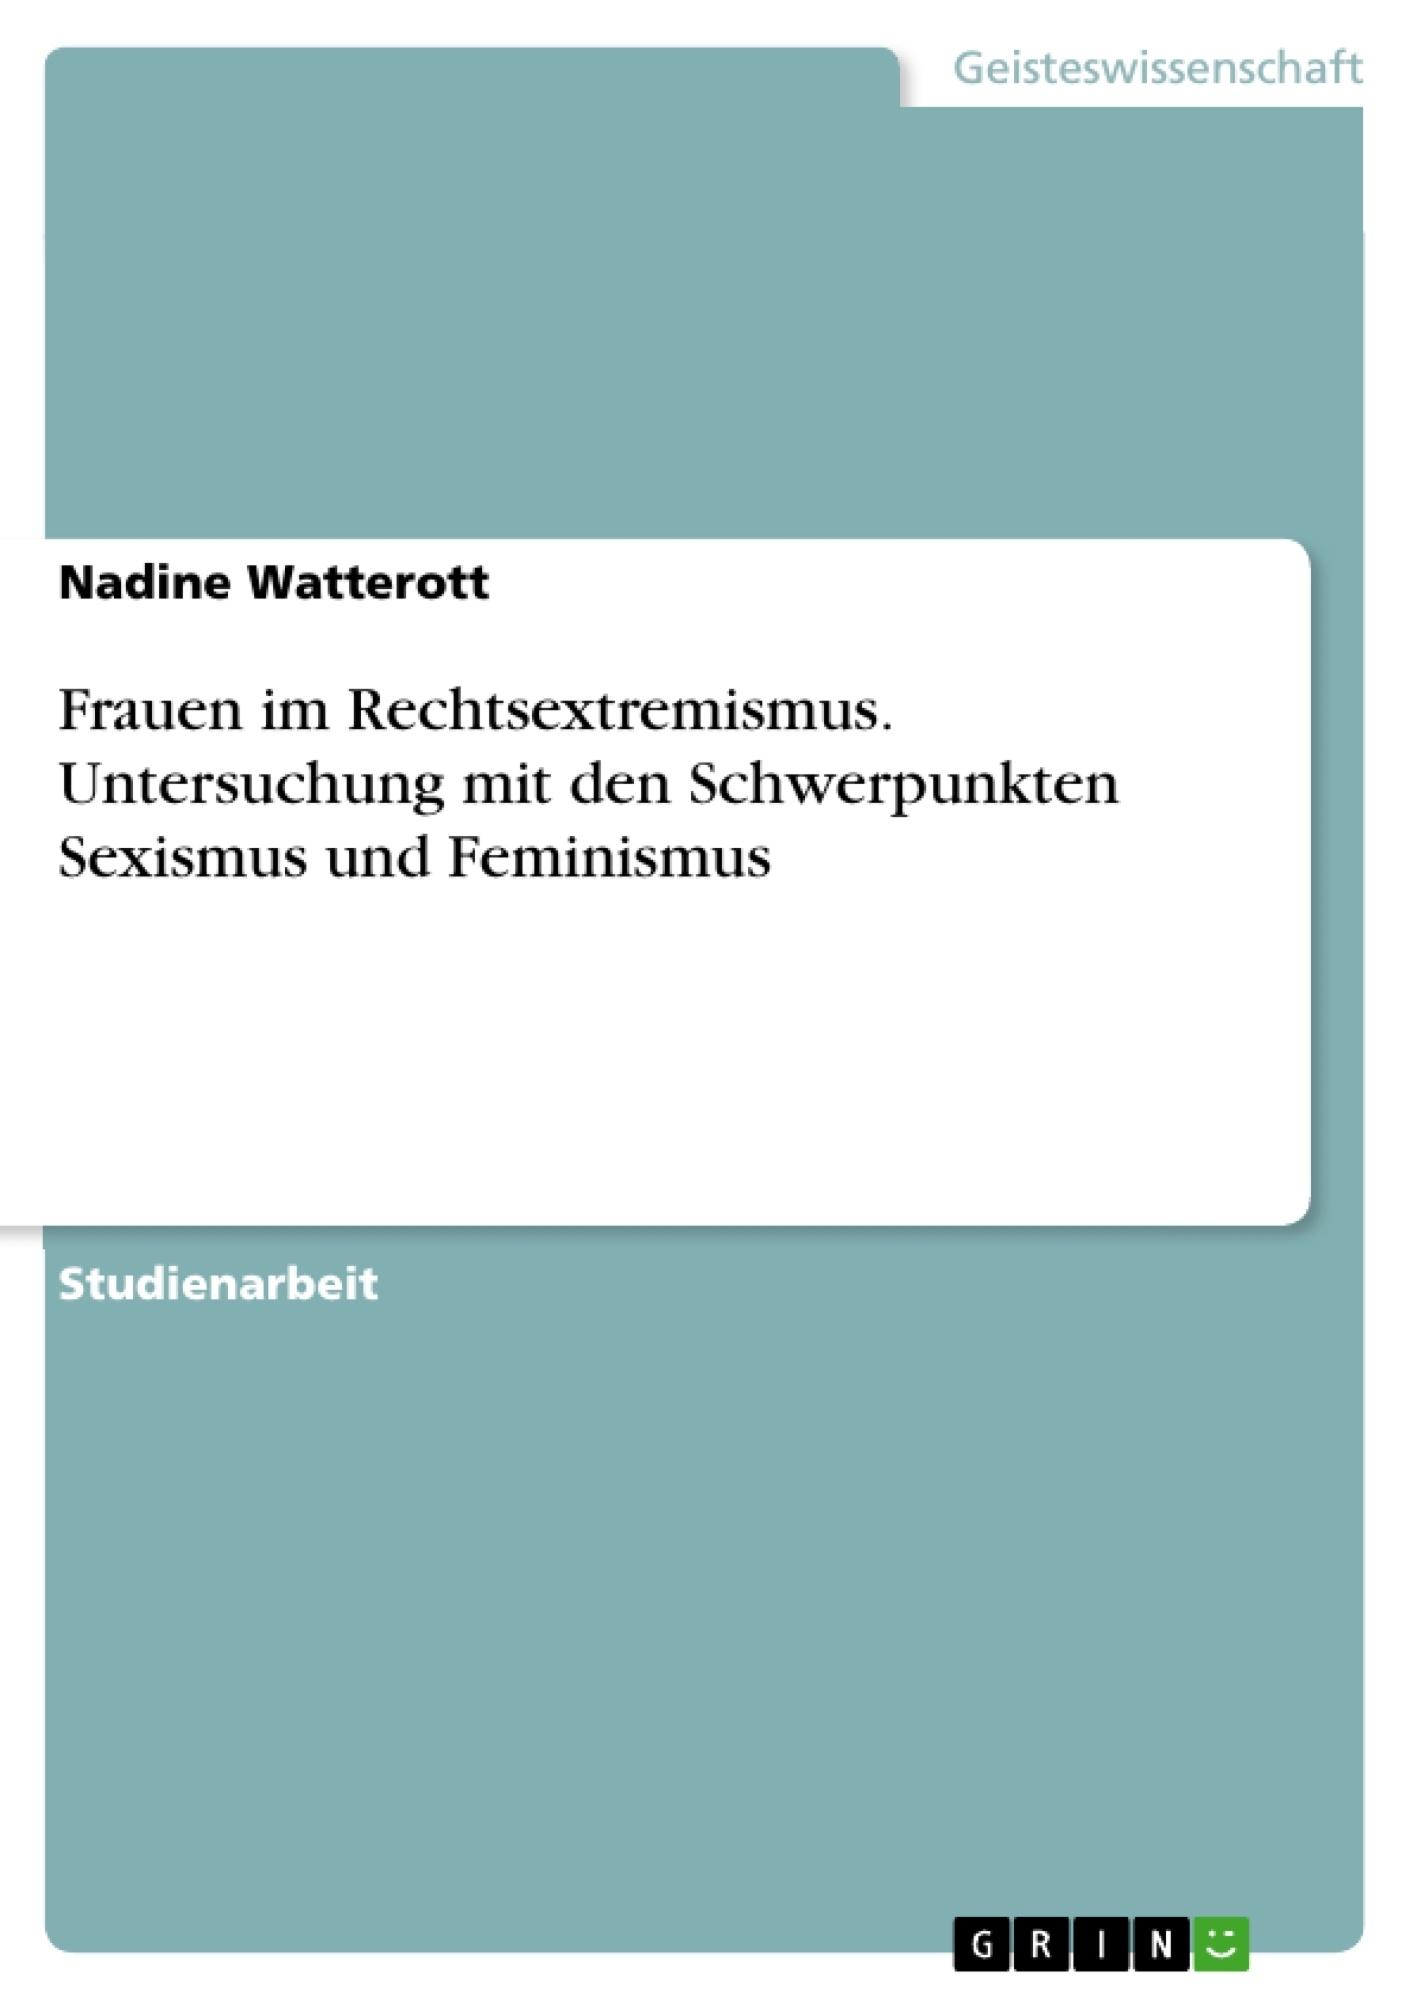 Titel: Frauen im Rechtsextremismus. Untersuchung mit den Schwerpunkten Sexismus und Feminismus